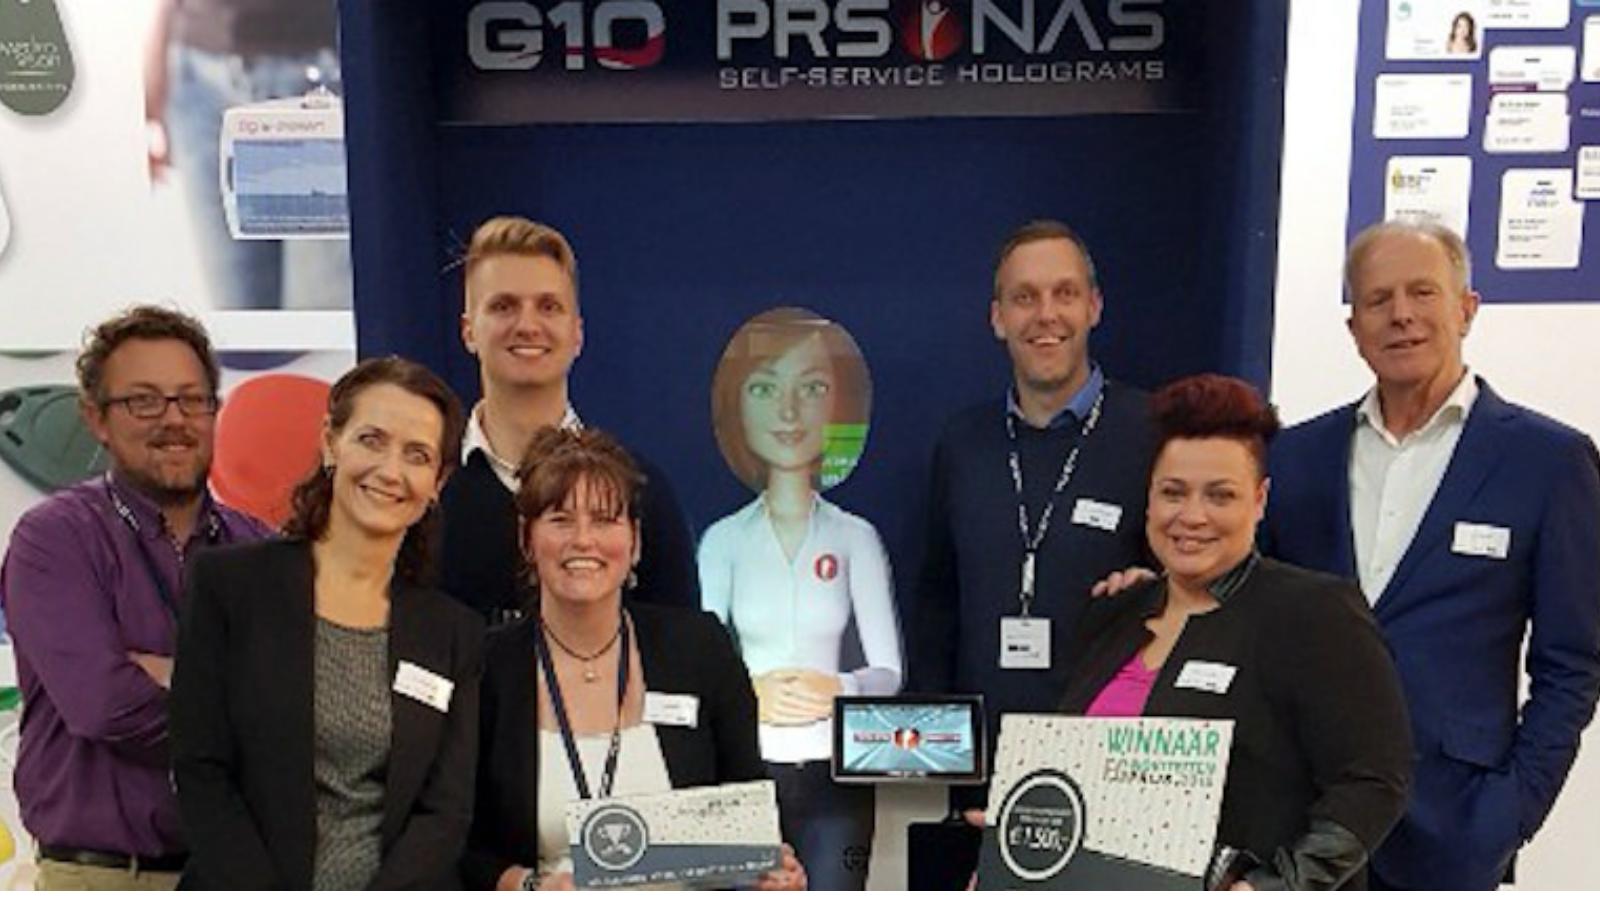 PRSONAS FG Noviteitenprijs 2018 winner